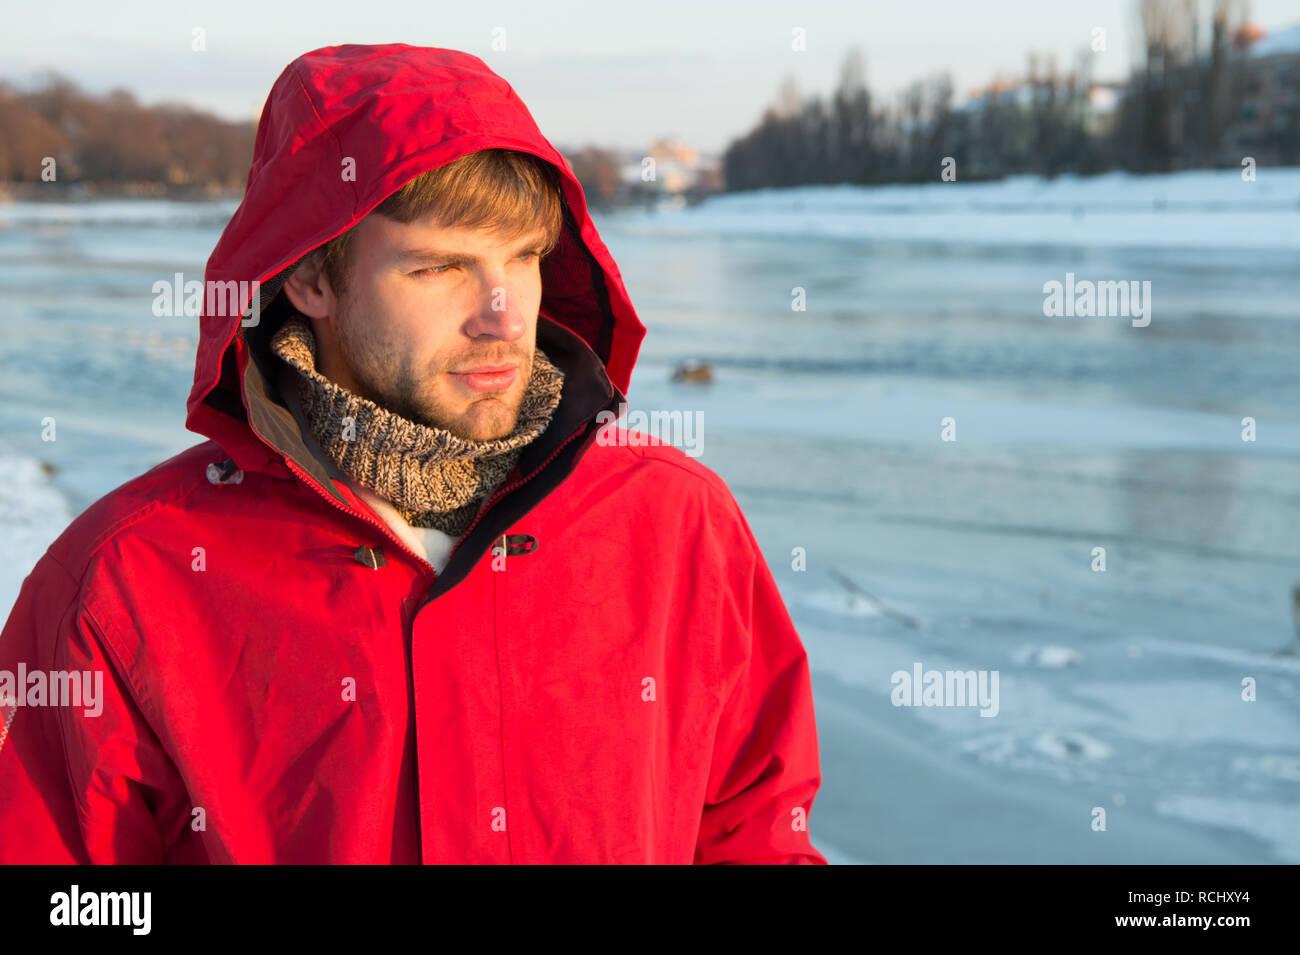 ef98bb7ecc53 Man bärtige stehen warme Jacke verschneite Natur Hintergrund. Wind-  kleidung. Winter Männerkleidung.